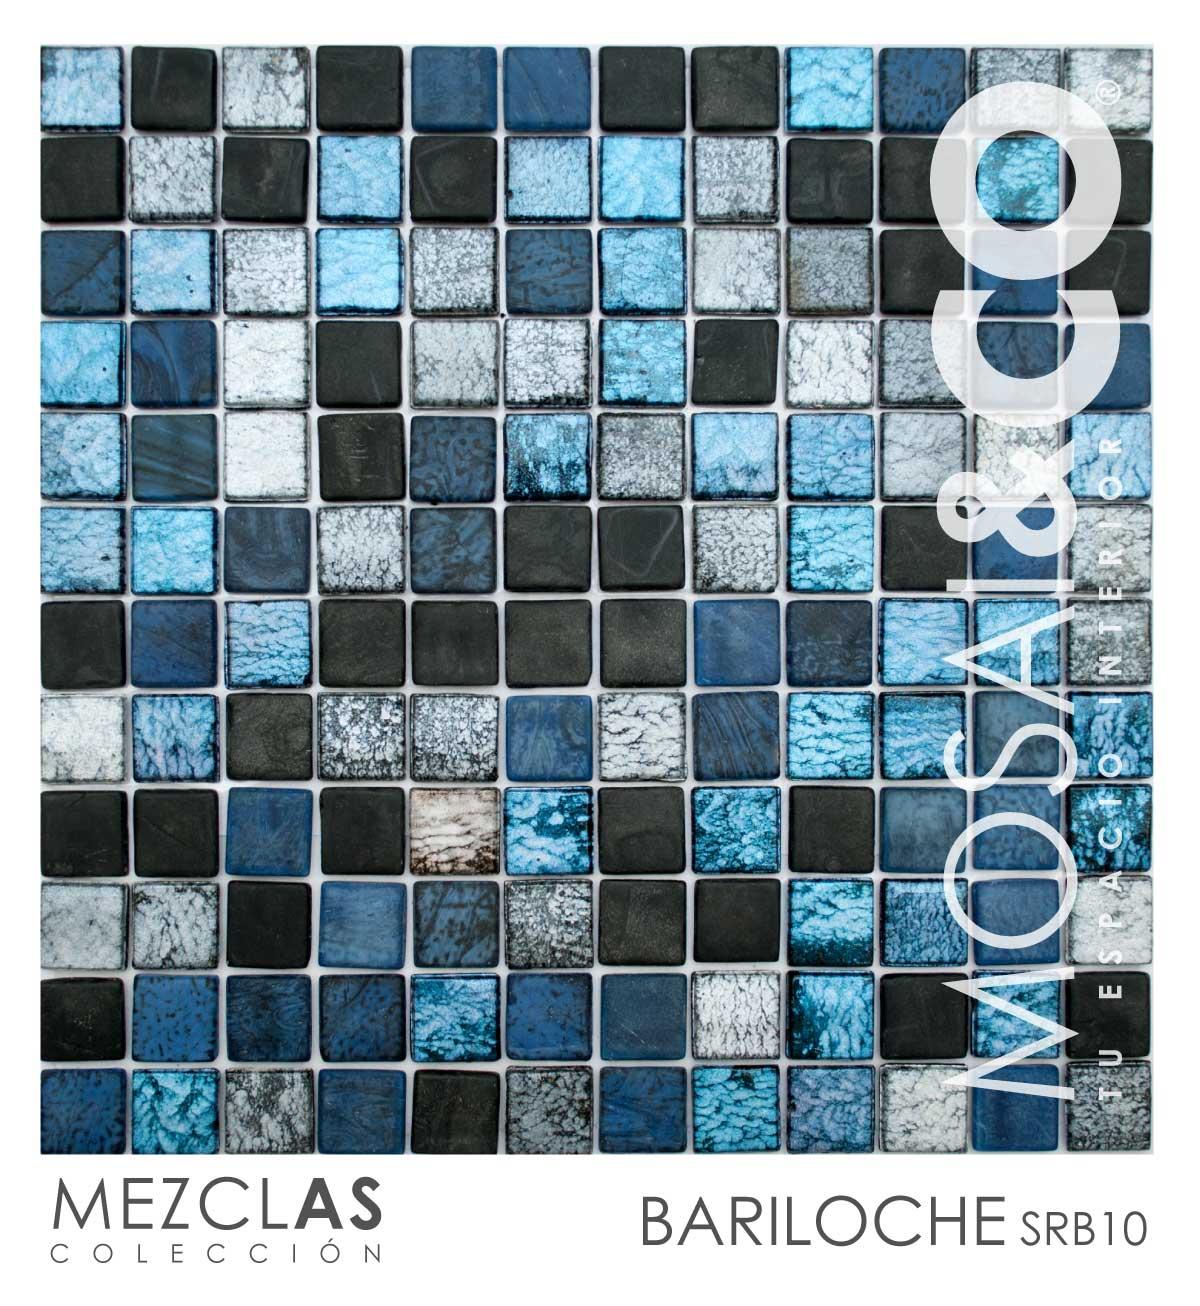 mosaico-interiores-mosaiandco-mezclas-bariloche-srb10